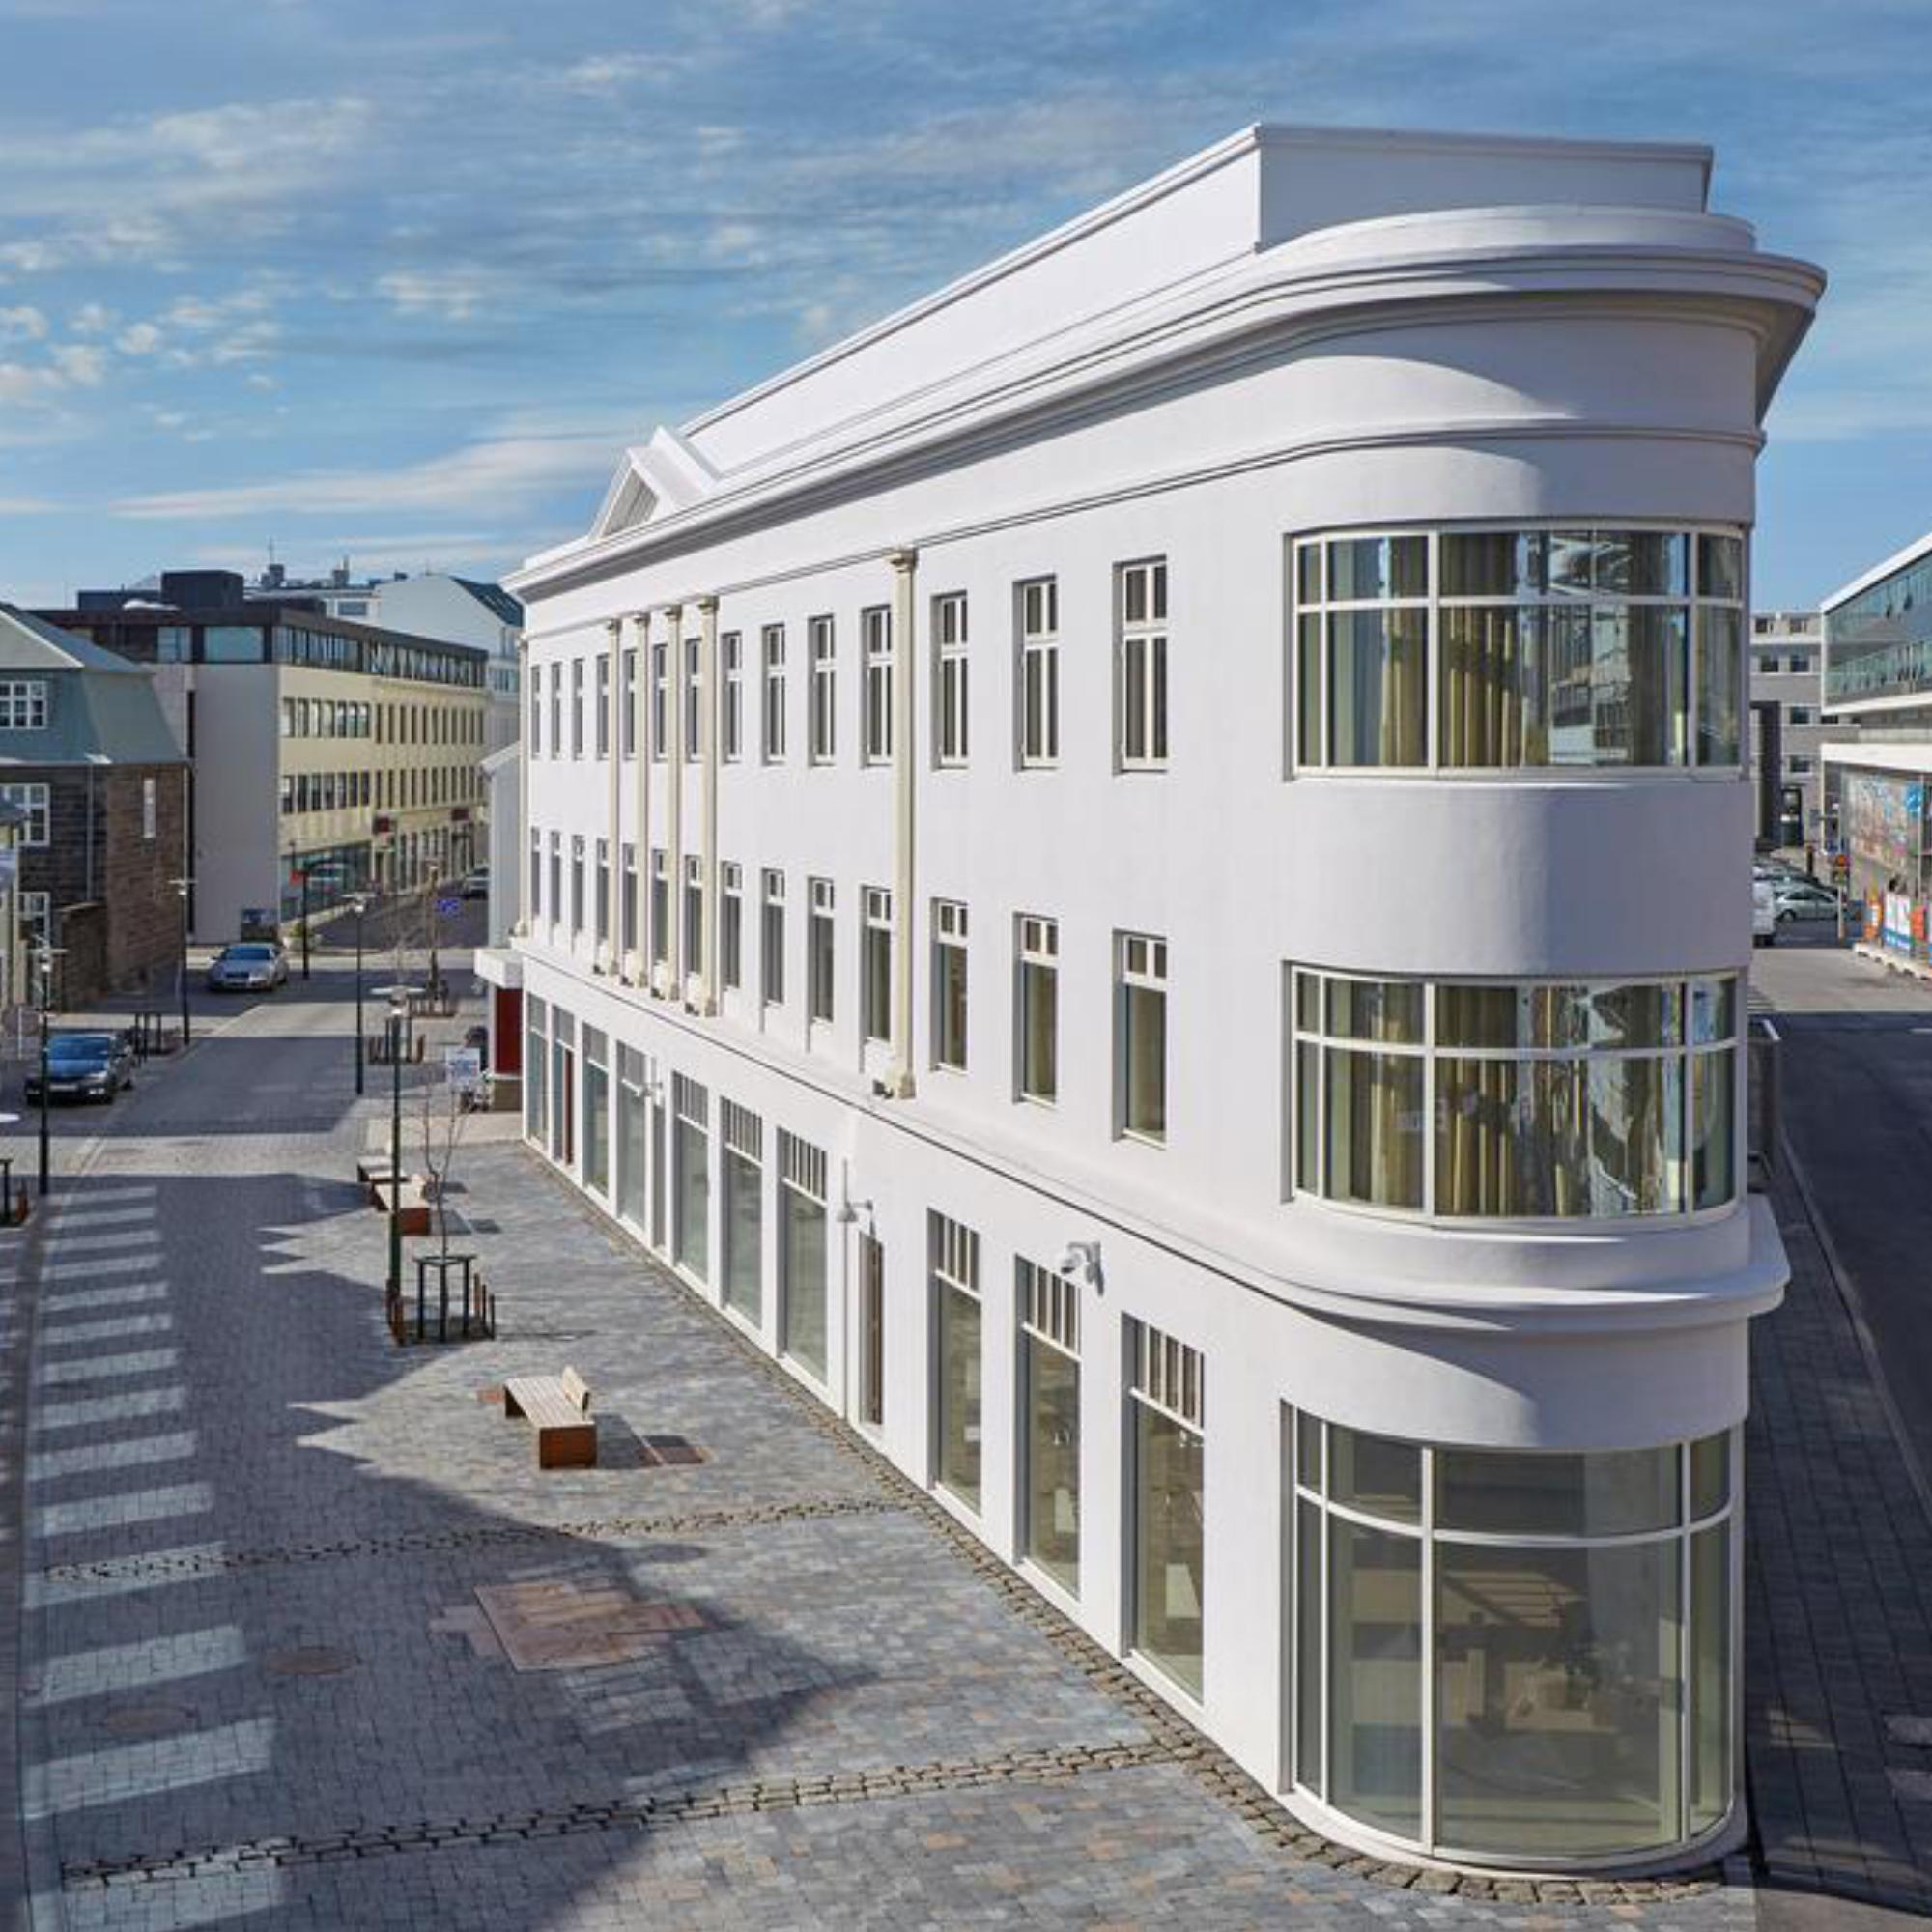 Reykjavik Konsulat Hotel, Iceland - 1